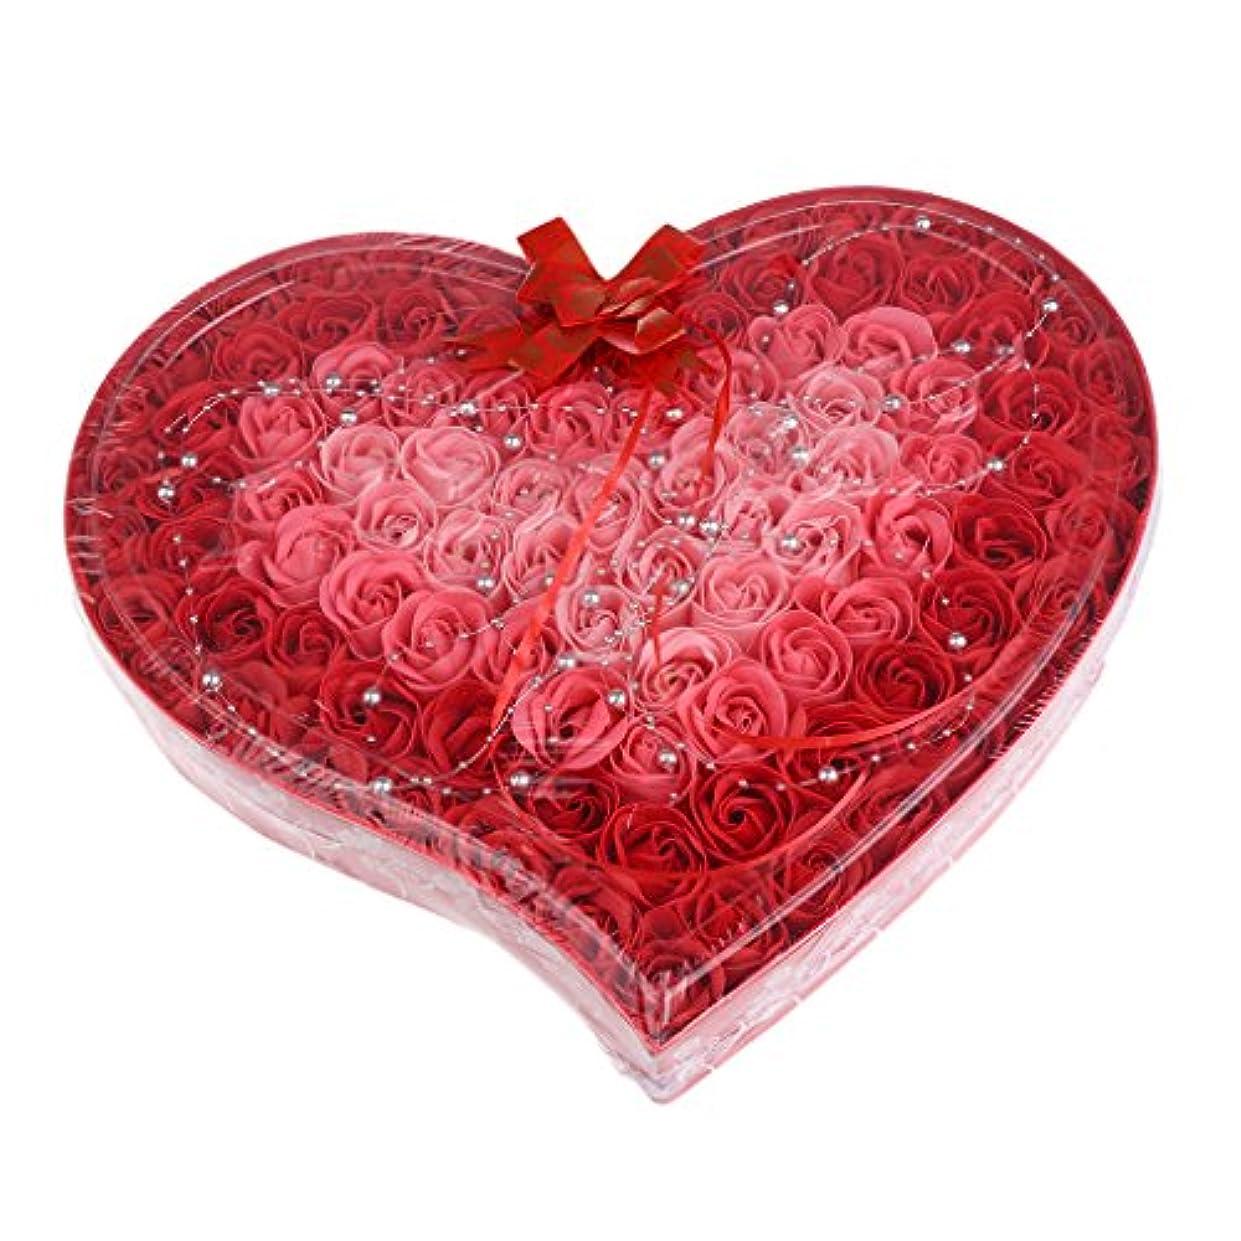 メタルライン助けてインポートBaoblaze 石鹸の花 母の日 プレゼント 石鹸 お花 枯れないお花 心の形 ギフトボックス 約100個 プレゼント 4色選択可 - 赤